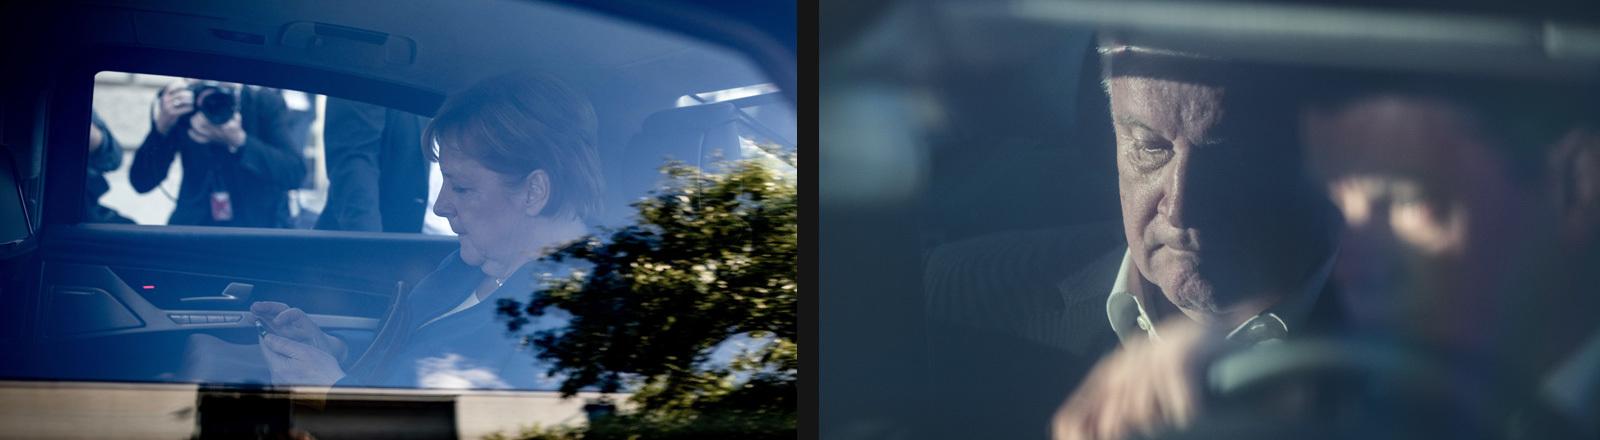 Collage; Foto links: Kanzlerin Merkel sitzt in ihrer Limousine und schaut auf das Handy, 02.07.18; Foto rechts: Innenminister Seehof sitzt in seiner Limousine auf dem Weg zu einem Treffen mit Merkel (30.06.18)